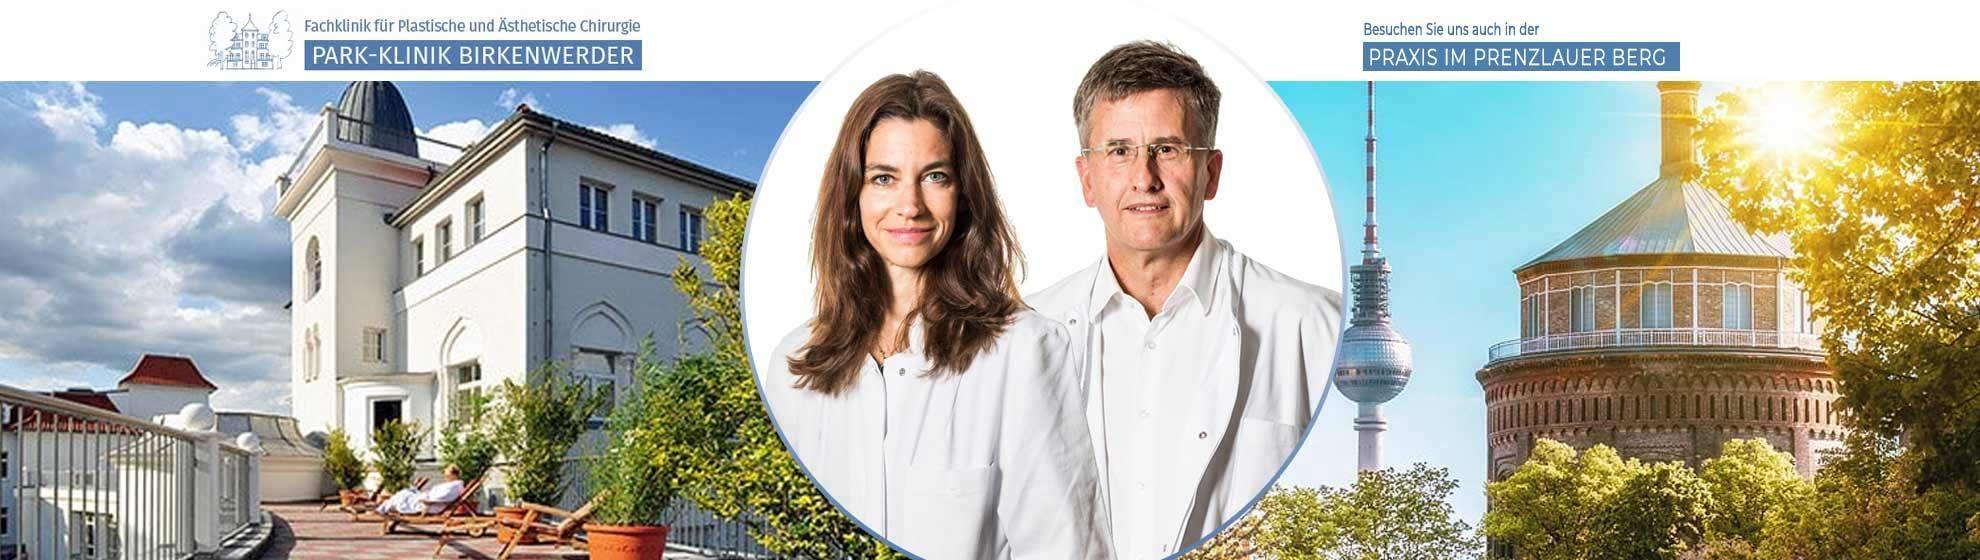 Dr. med. Klaus Ueberreiter und Dr. med. Ursula Tanzella